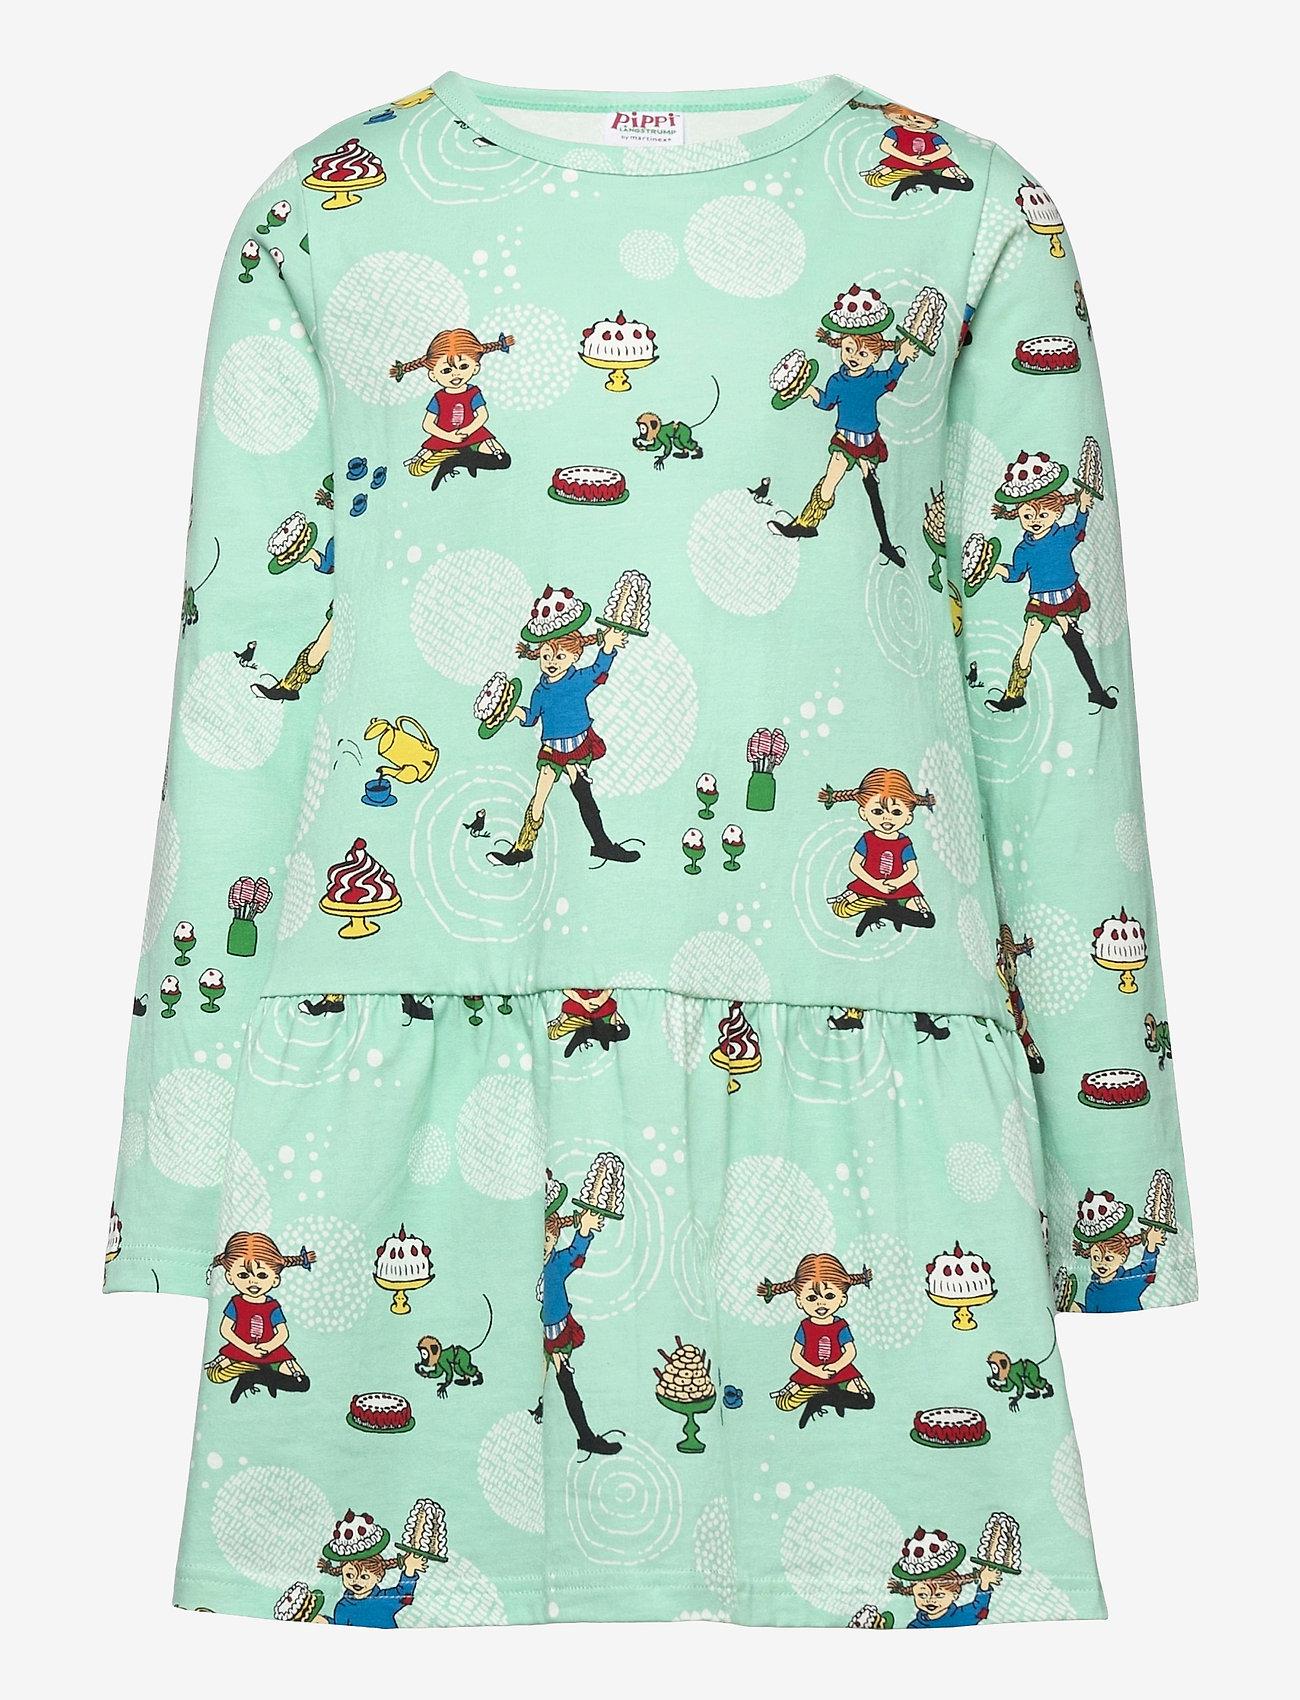 Pippi Långstrump - PARTY DRESS - kleider - green - 0